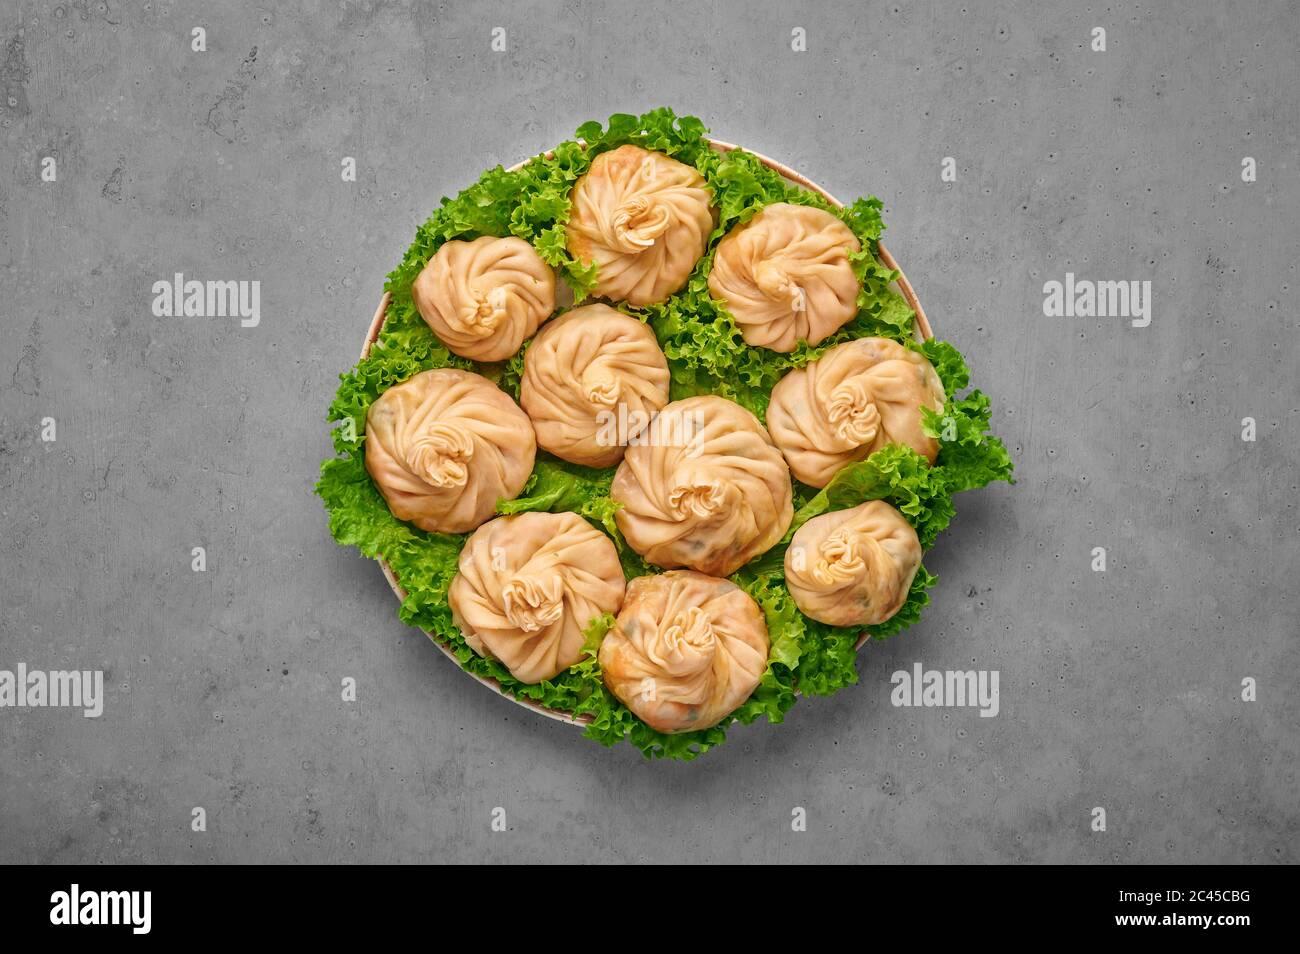 Veg Momos sur table en béton gris . Momos est le plat populaire de cuisine indienne, tibétaine, chinoise. Cuisine asiatique. Repas végétarien. Vue de dessus Banque D'Images